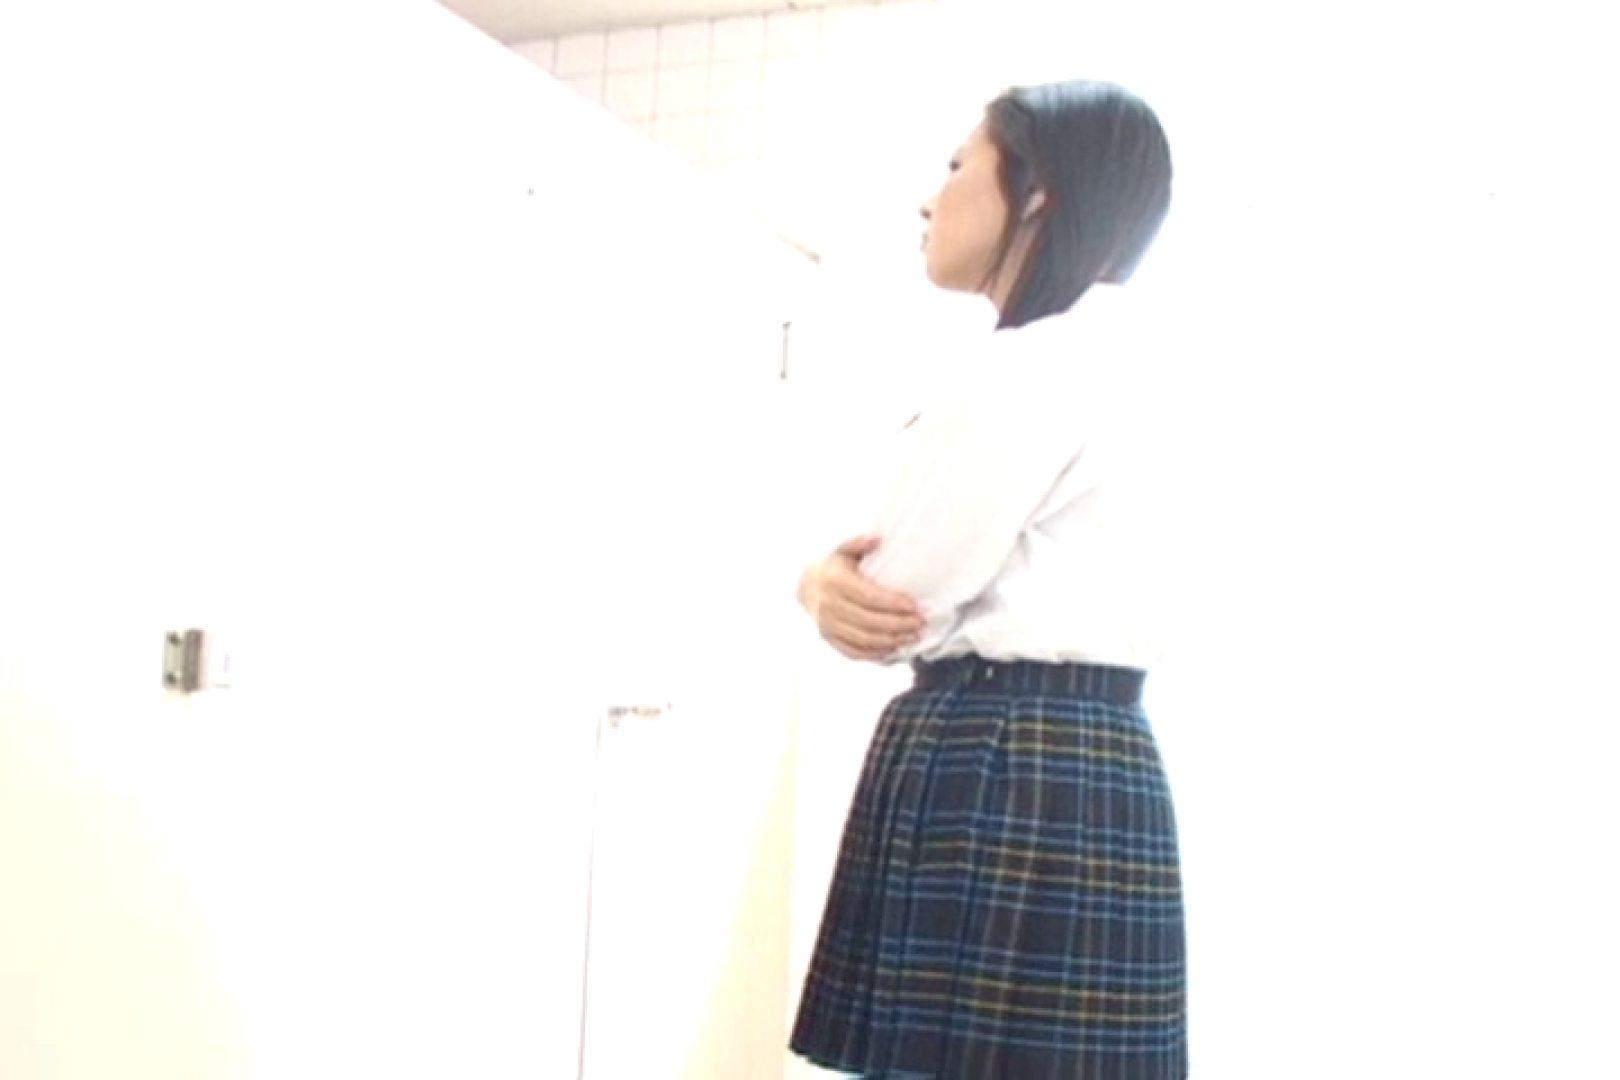 ギリギリアウトな嬢達Vol.4 OLセックス 覗きワレメ動画紹介 110画像 62